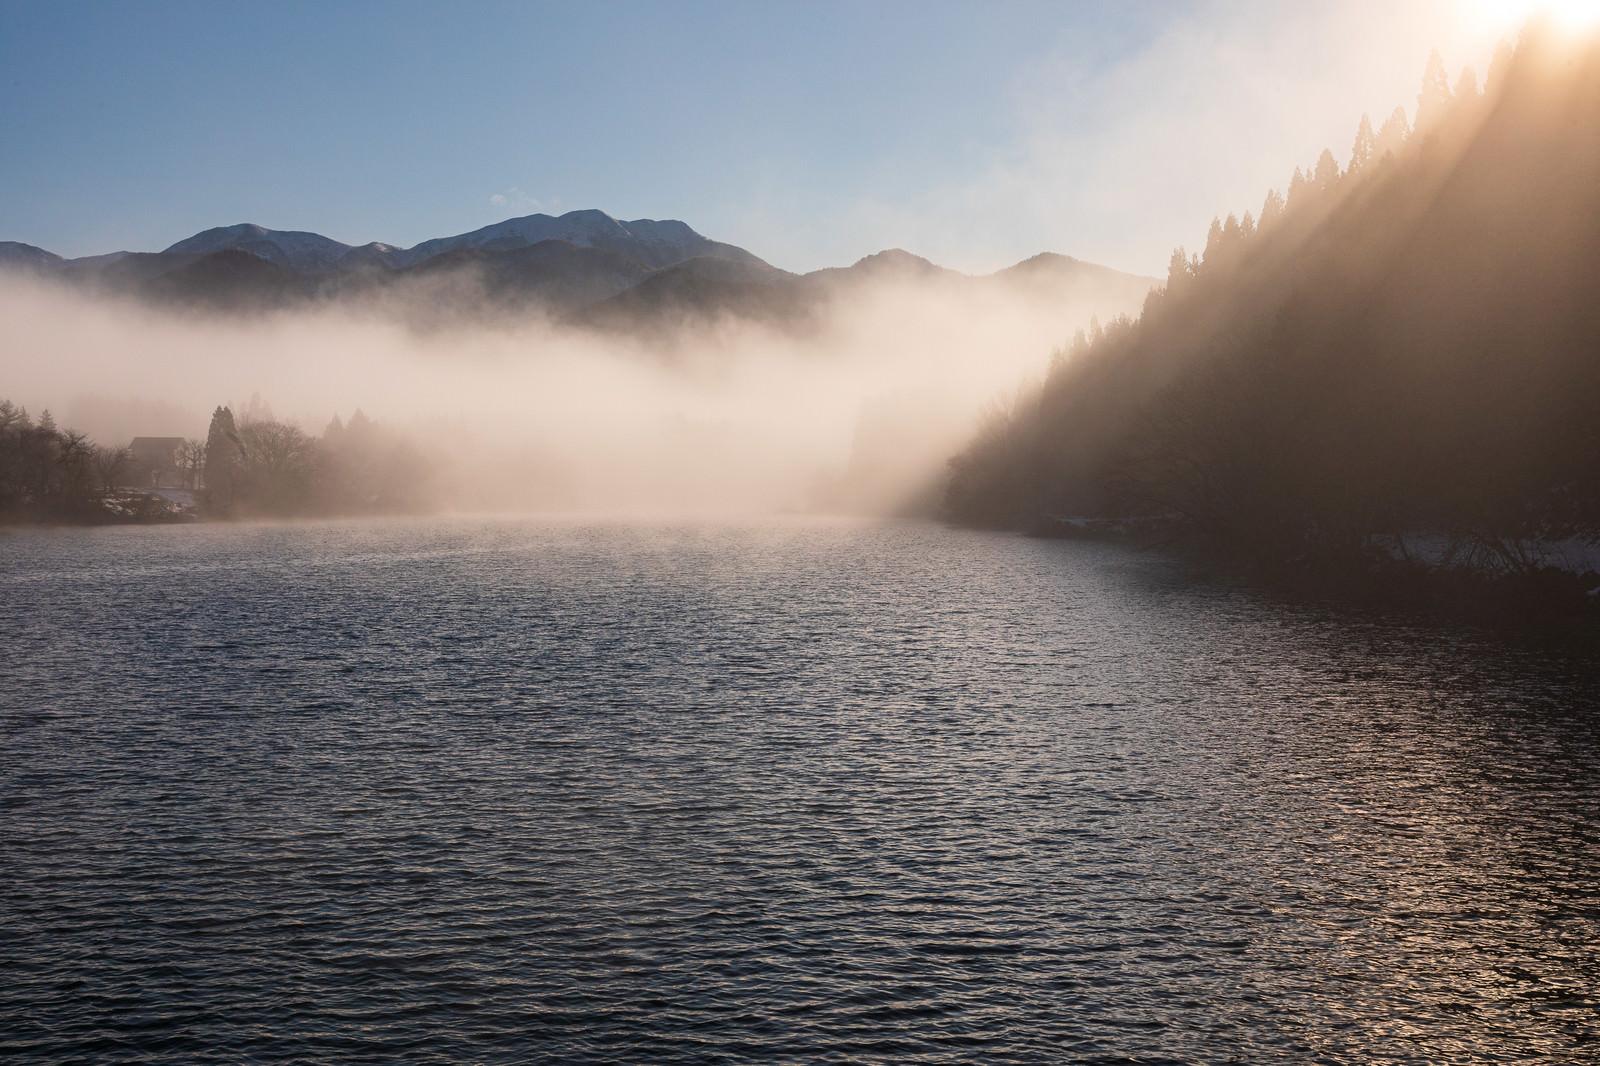 「朝靄のため池」の写真